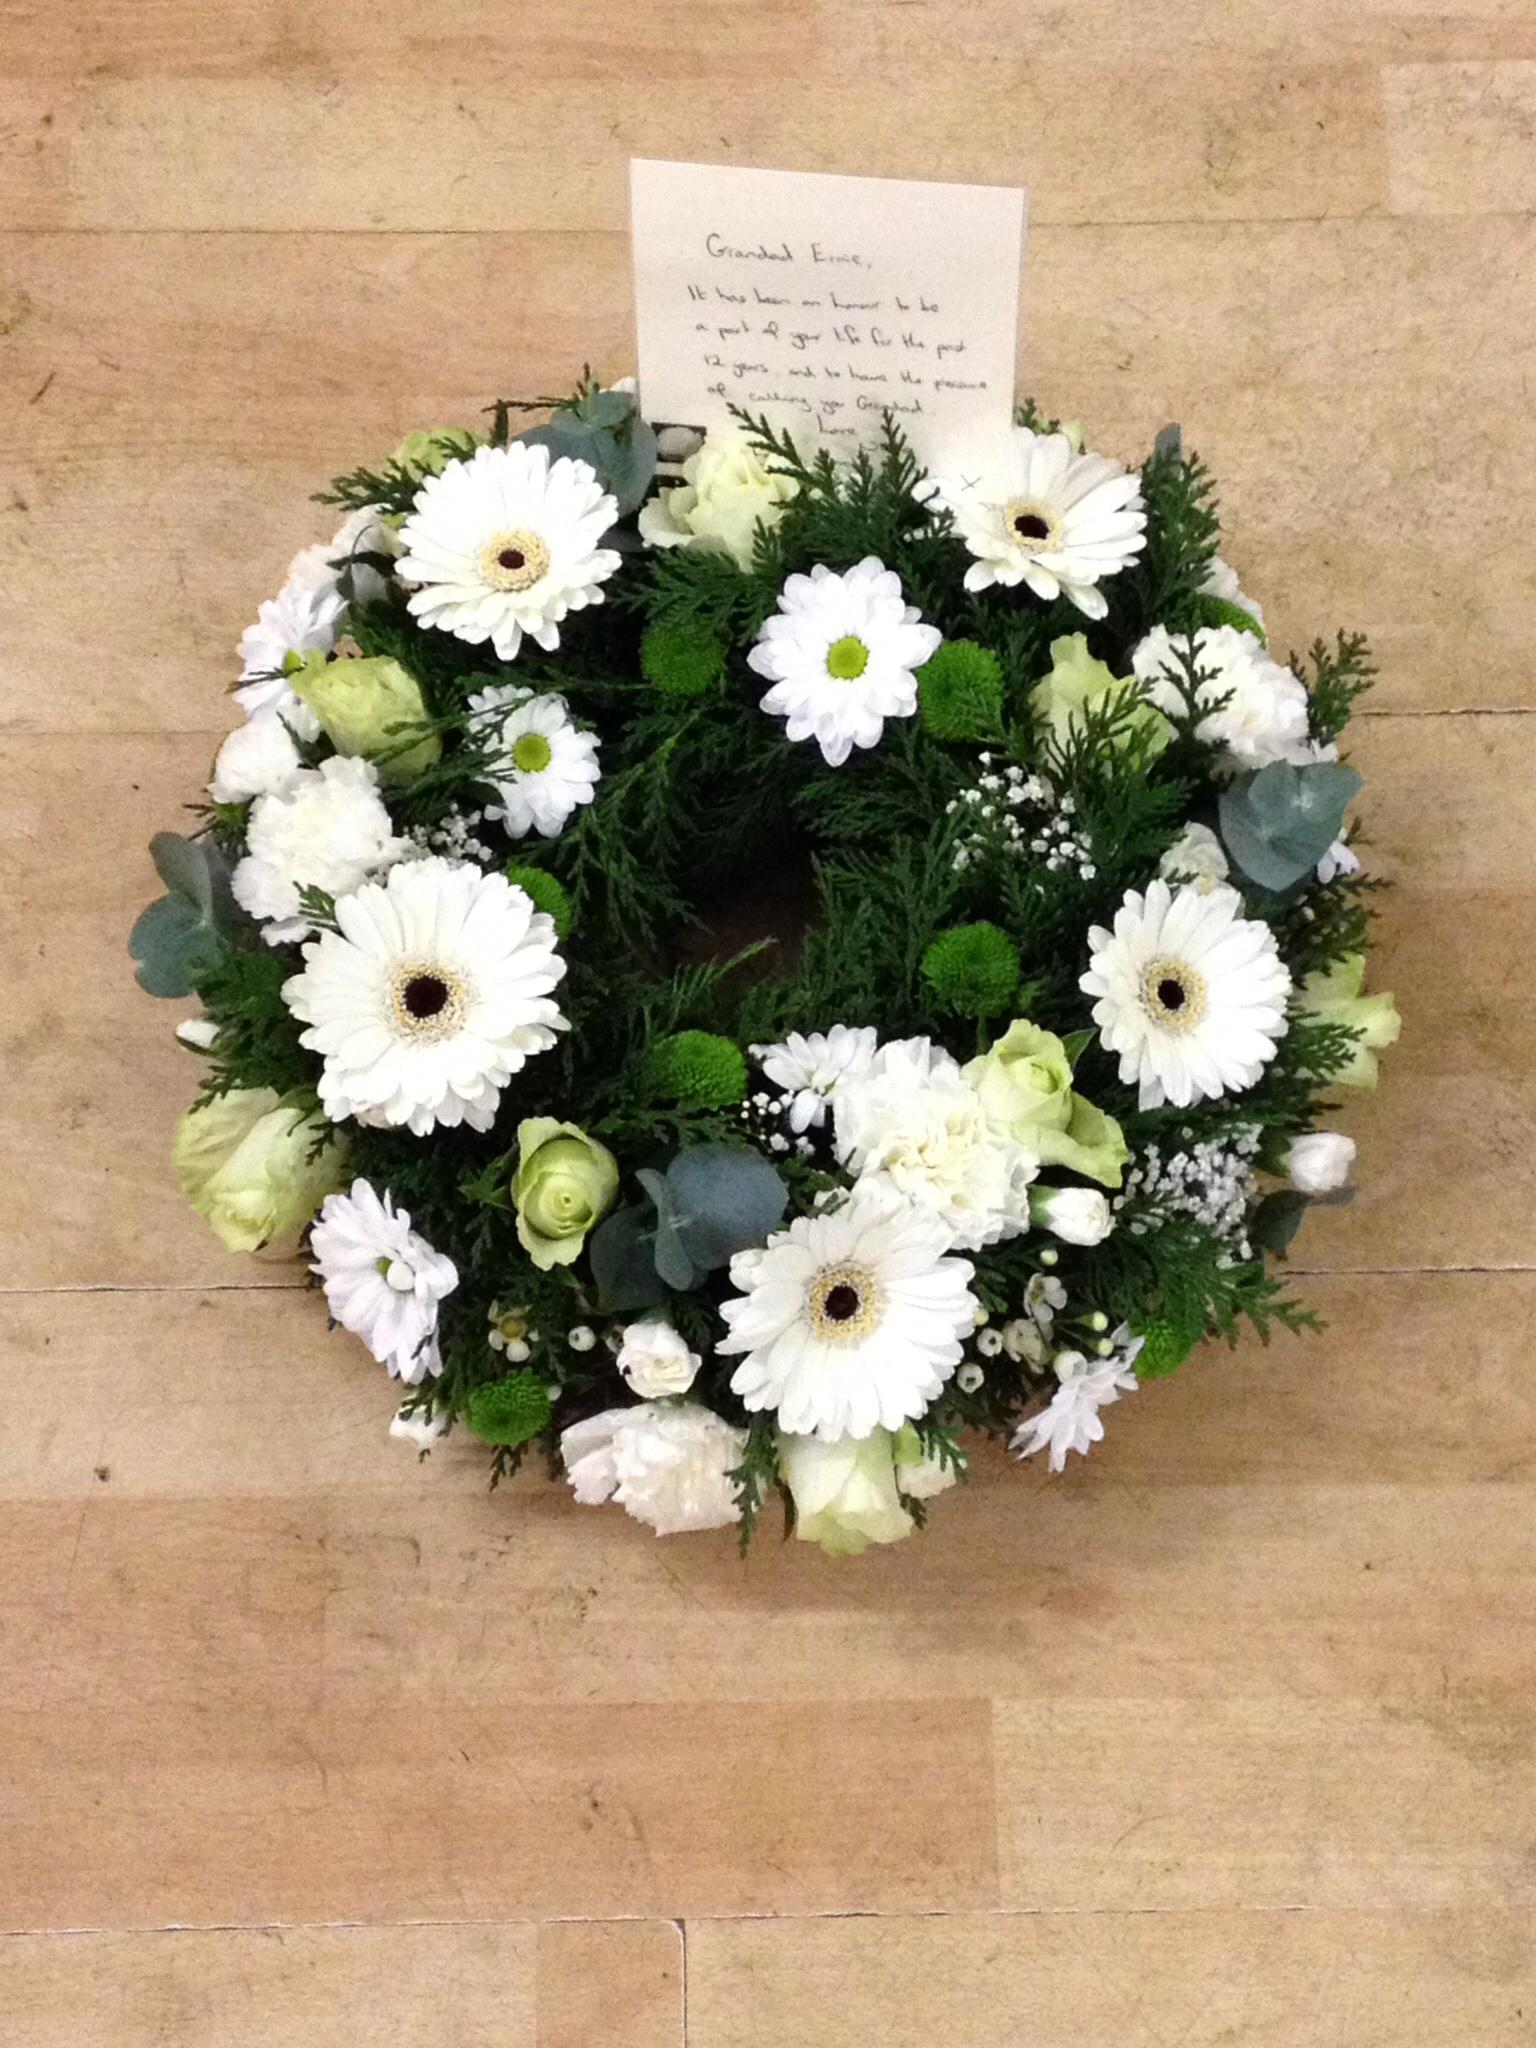 Funeral flowers newcastle jeanne marie florist newcastle funeral flowers by jeanne marie newcastle izmirmasajfo